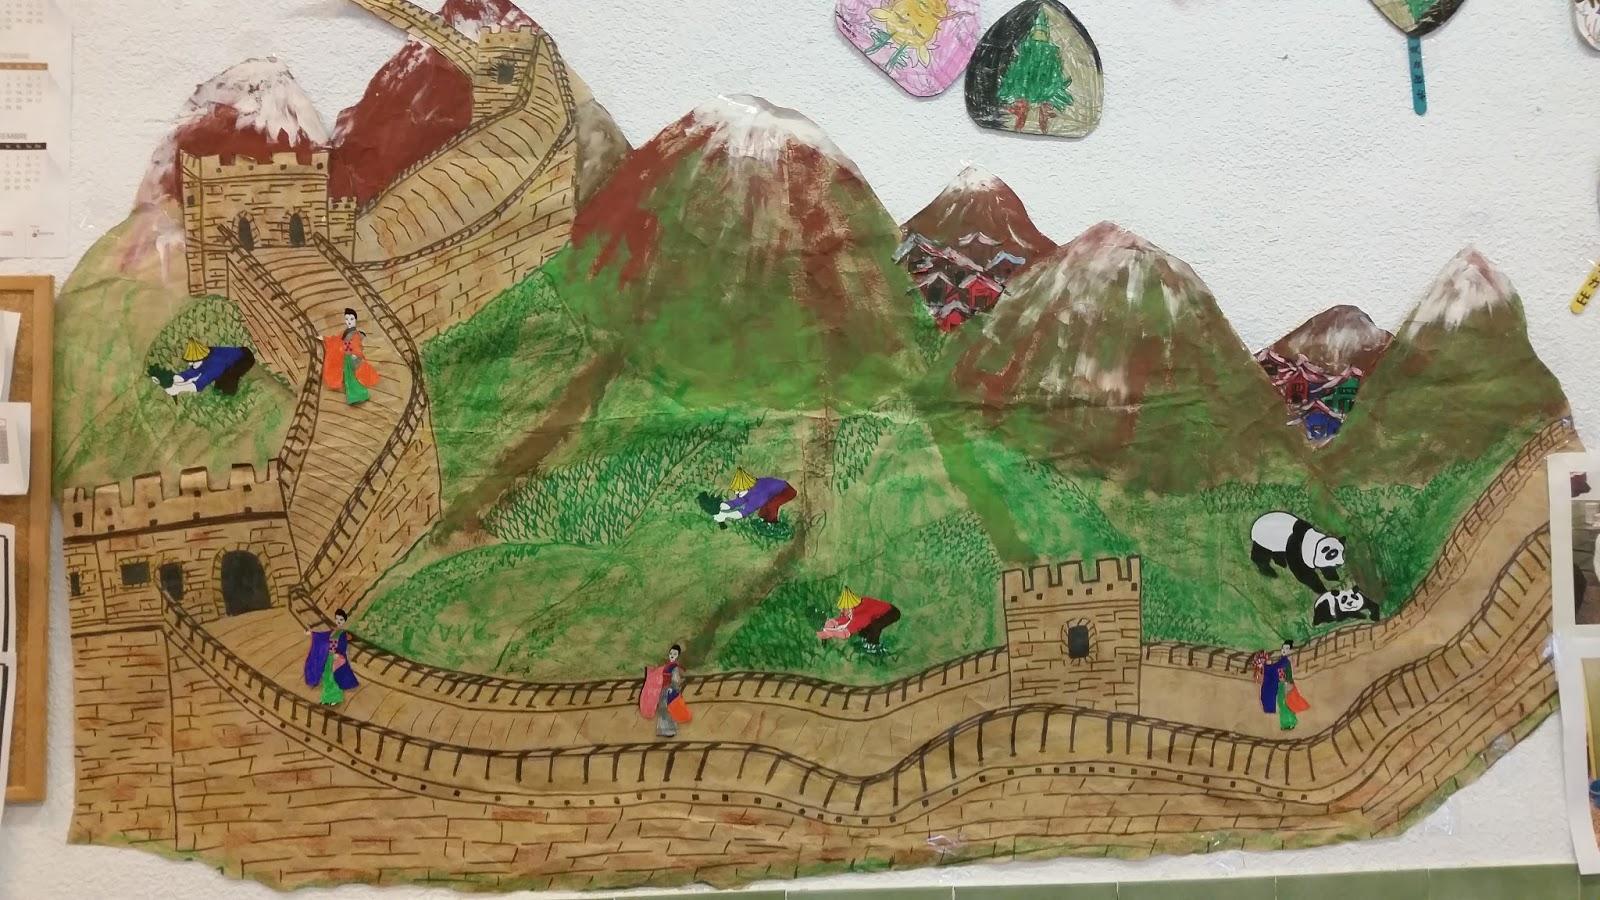 Nuestro comedor hispanidad elx la gran muralla china for Adornos para murallas